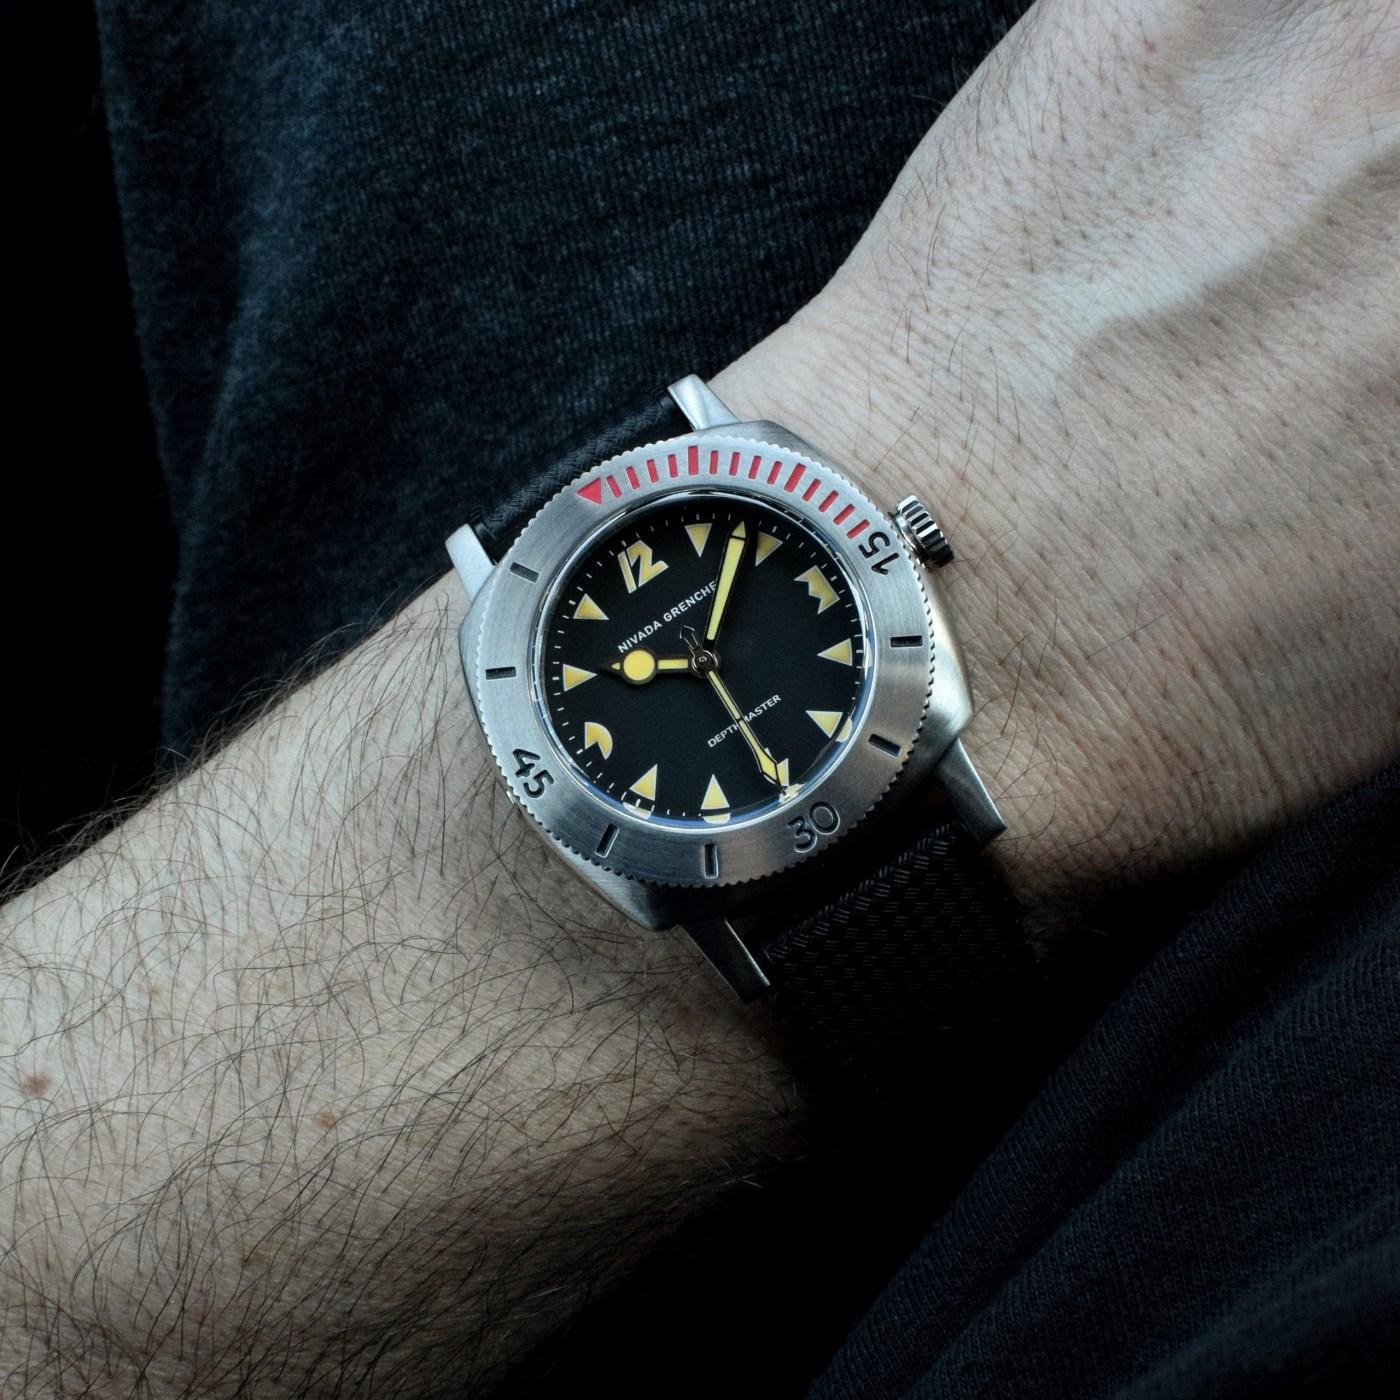 Nivada Grenchen Depthmaster 1000 Pac-Man wristshot